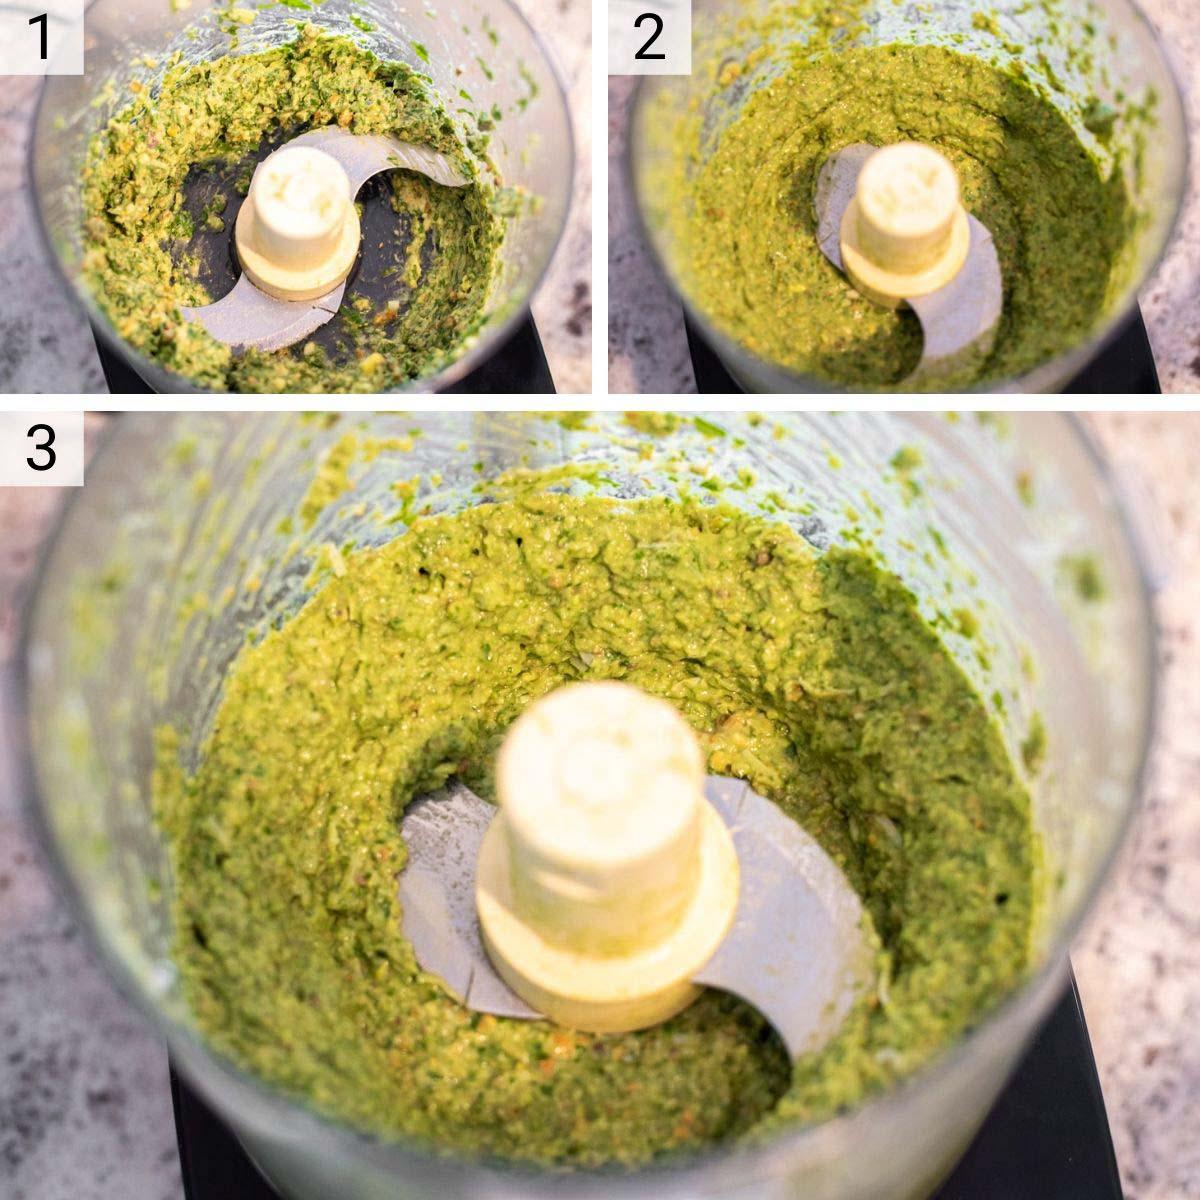 process shots of how to make avocado pesto